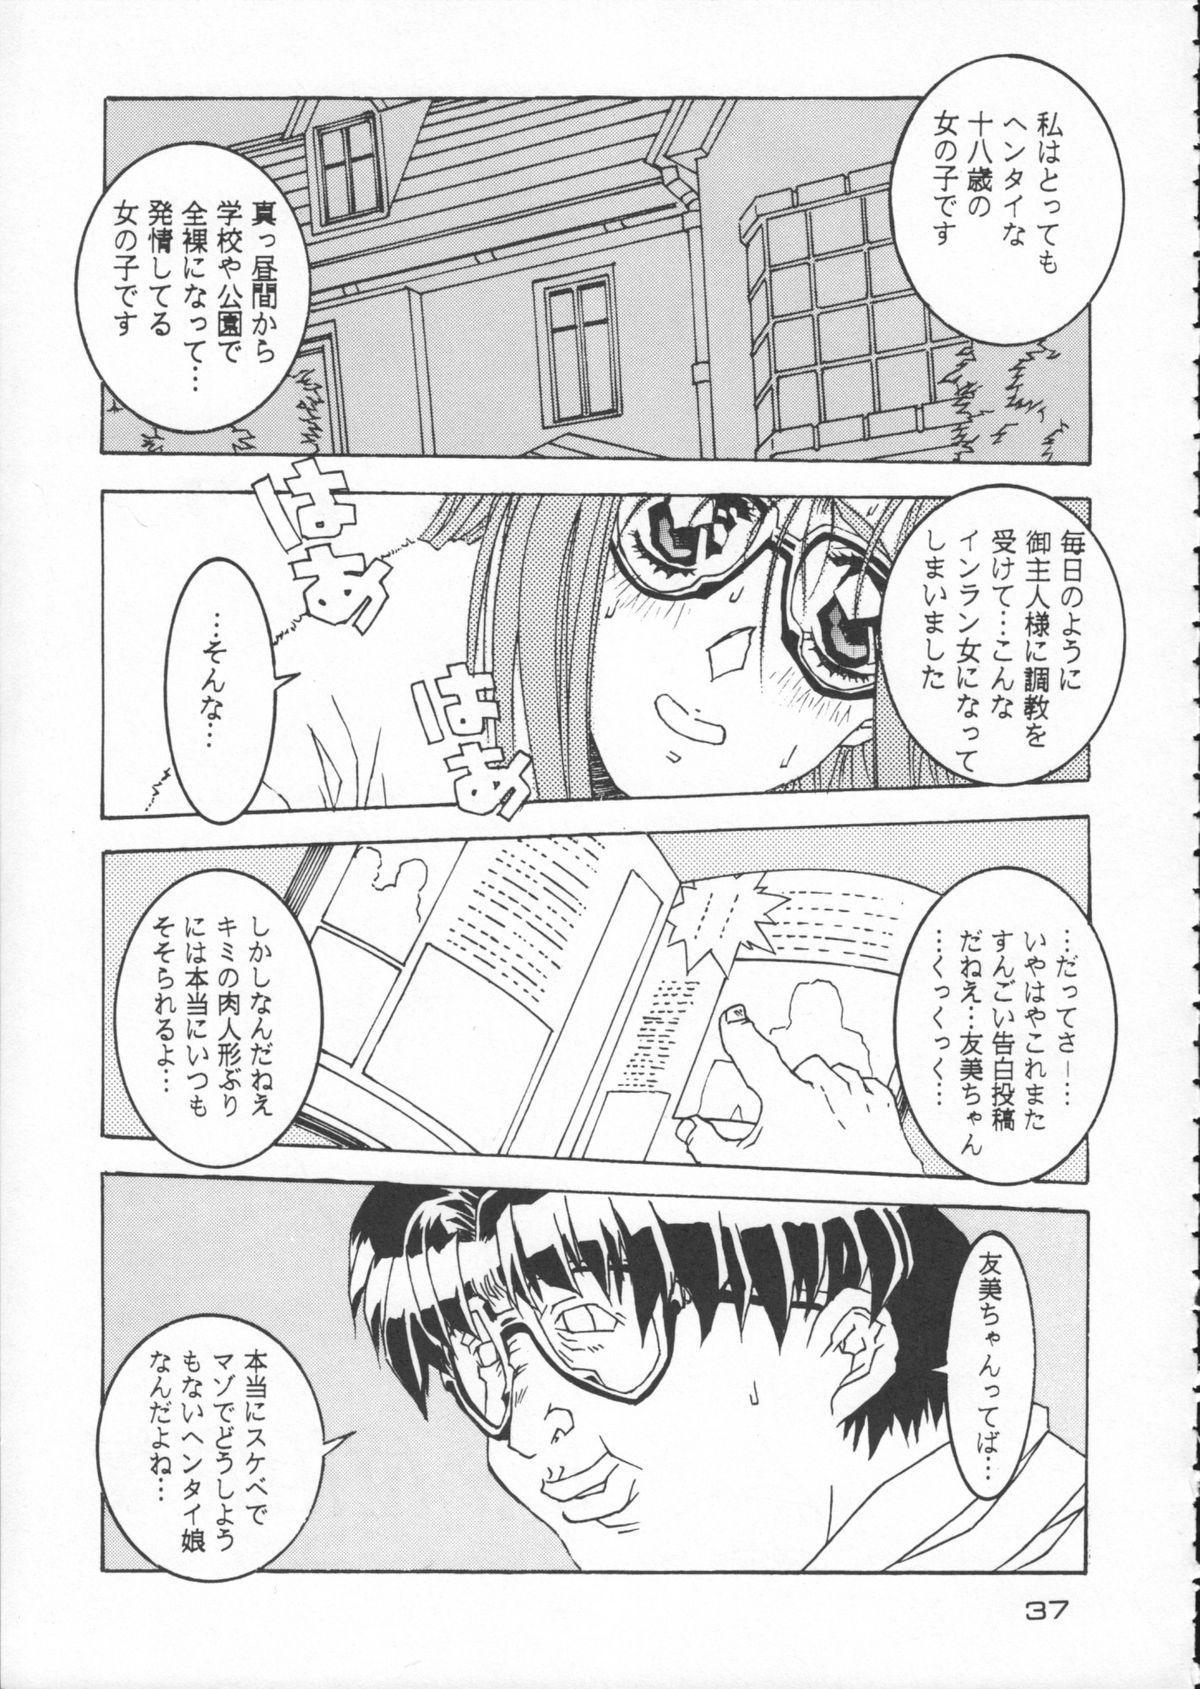 Godzilla vs Curry Aji 37